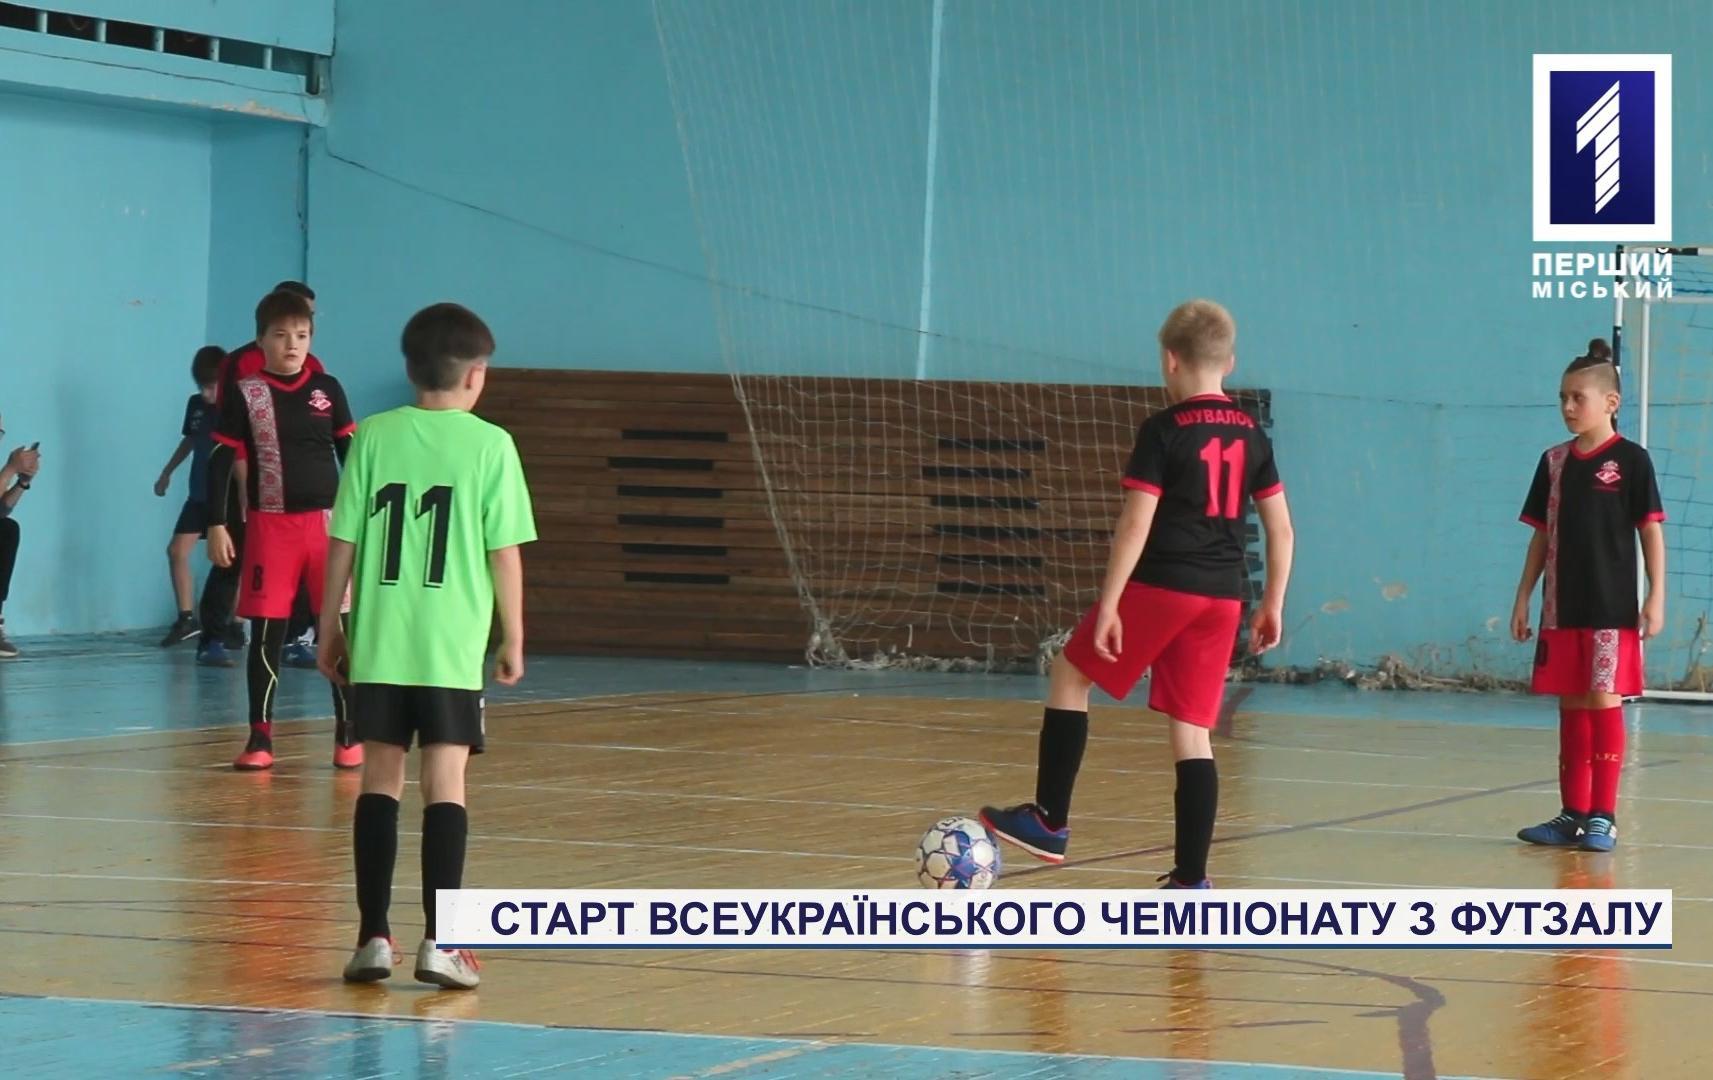 Старт всеукраїнського чемпіонату з футзалу